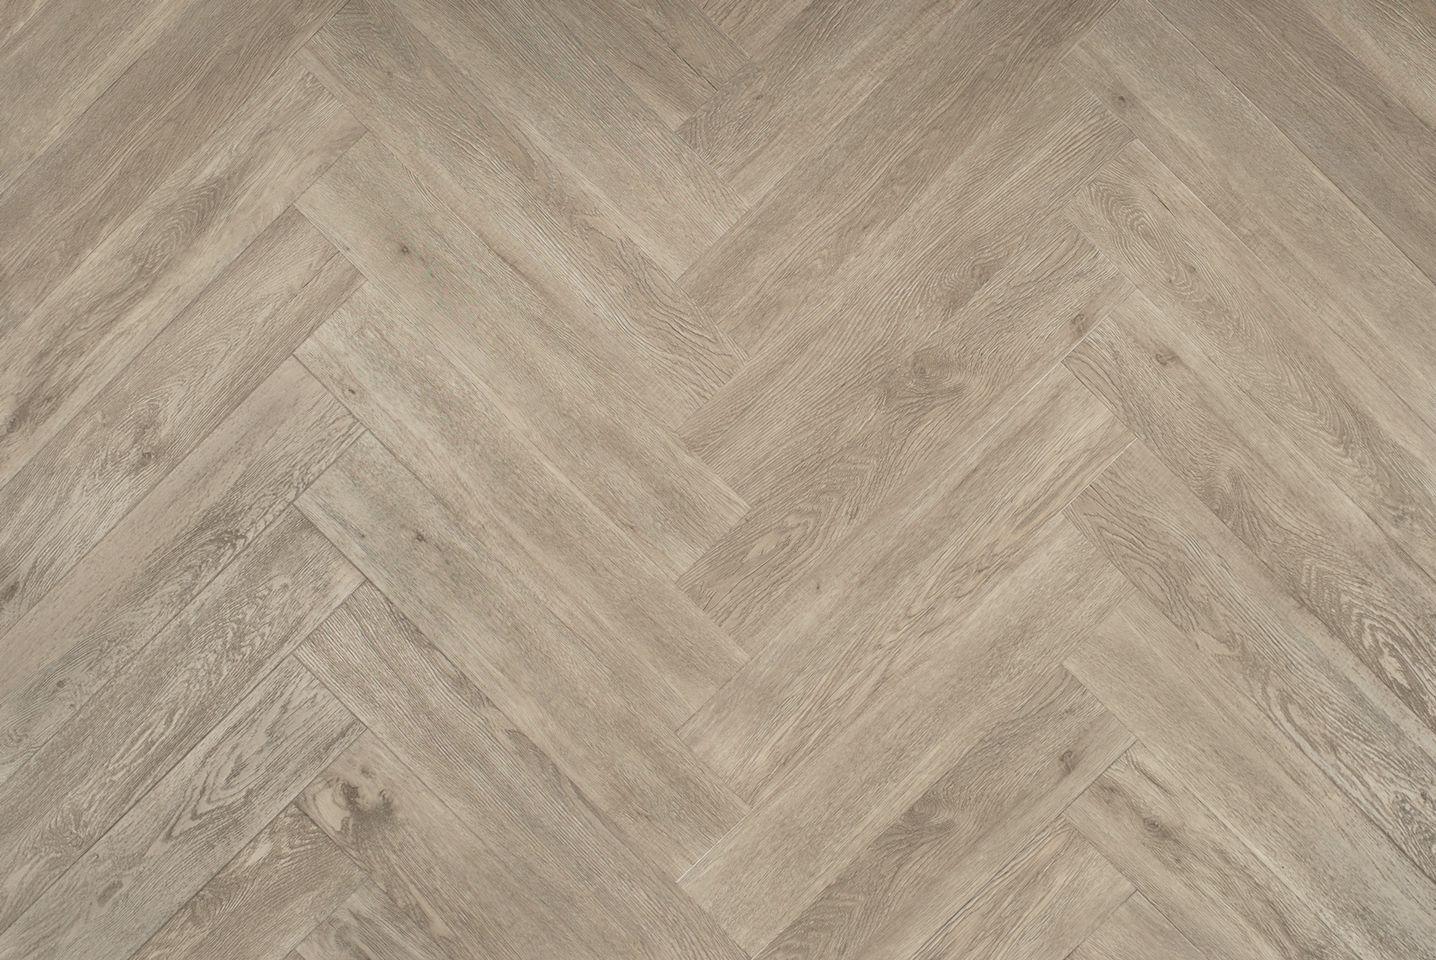 Visgraat Vloer Grijs : Floer visgraat pvc vloeren grijsbeige eiken 60 x 12 cm wit vloer